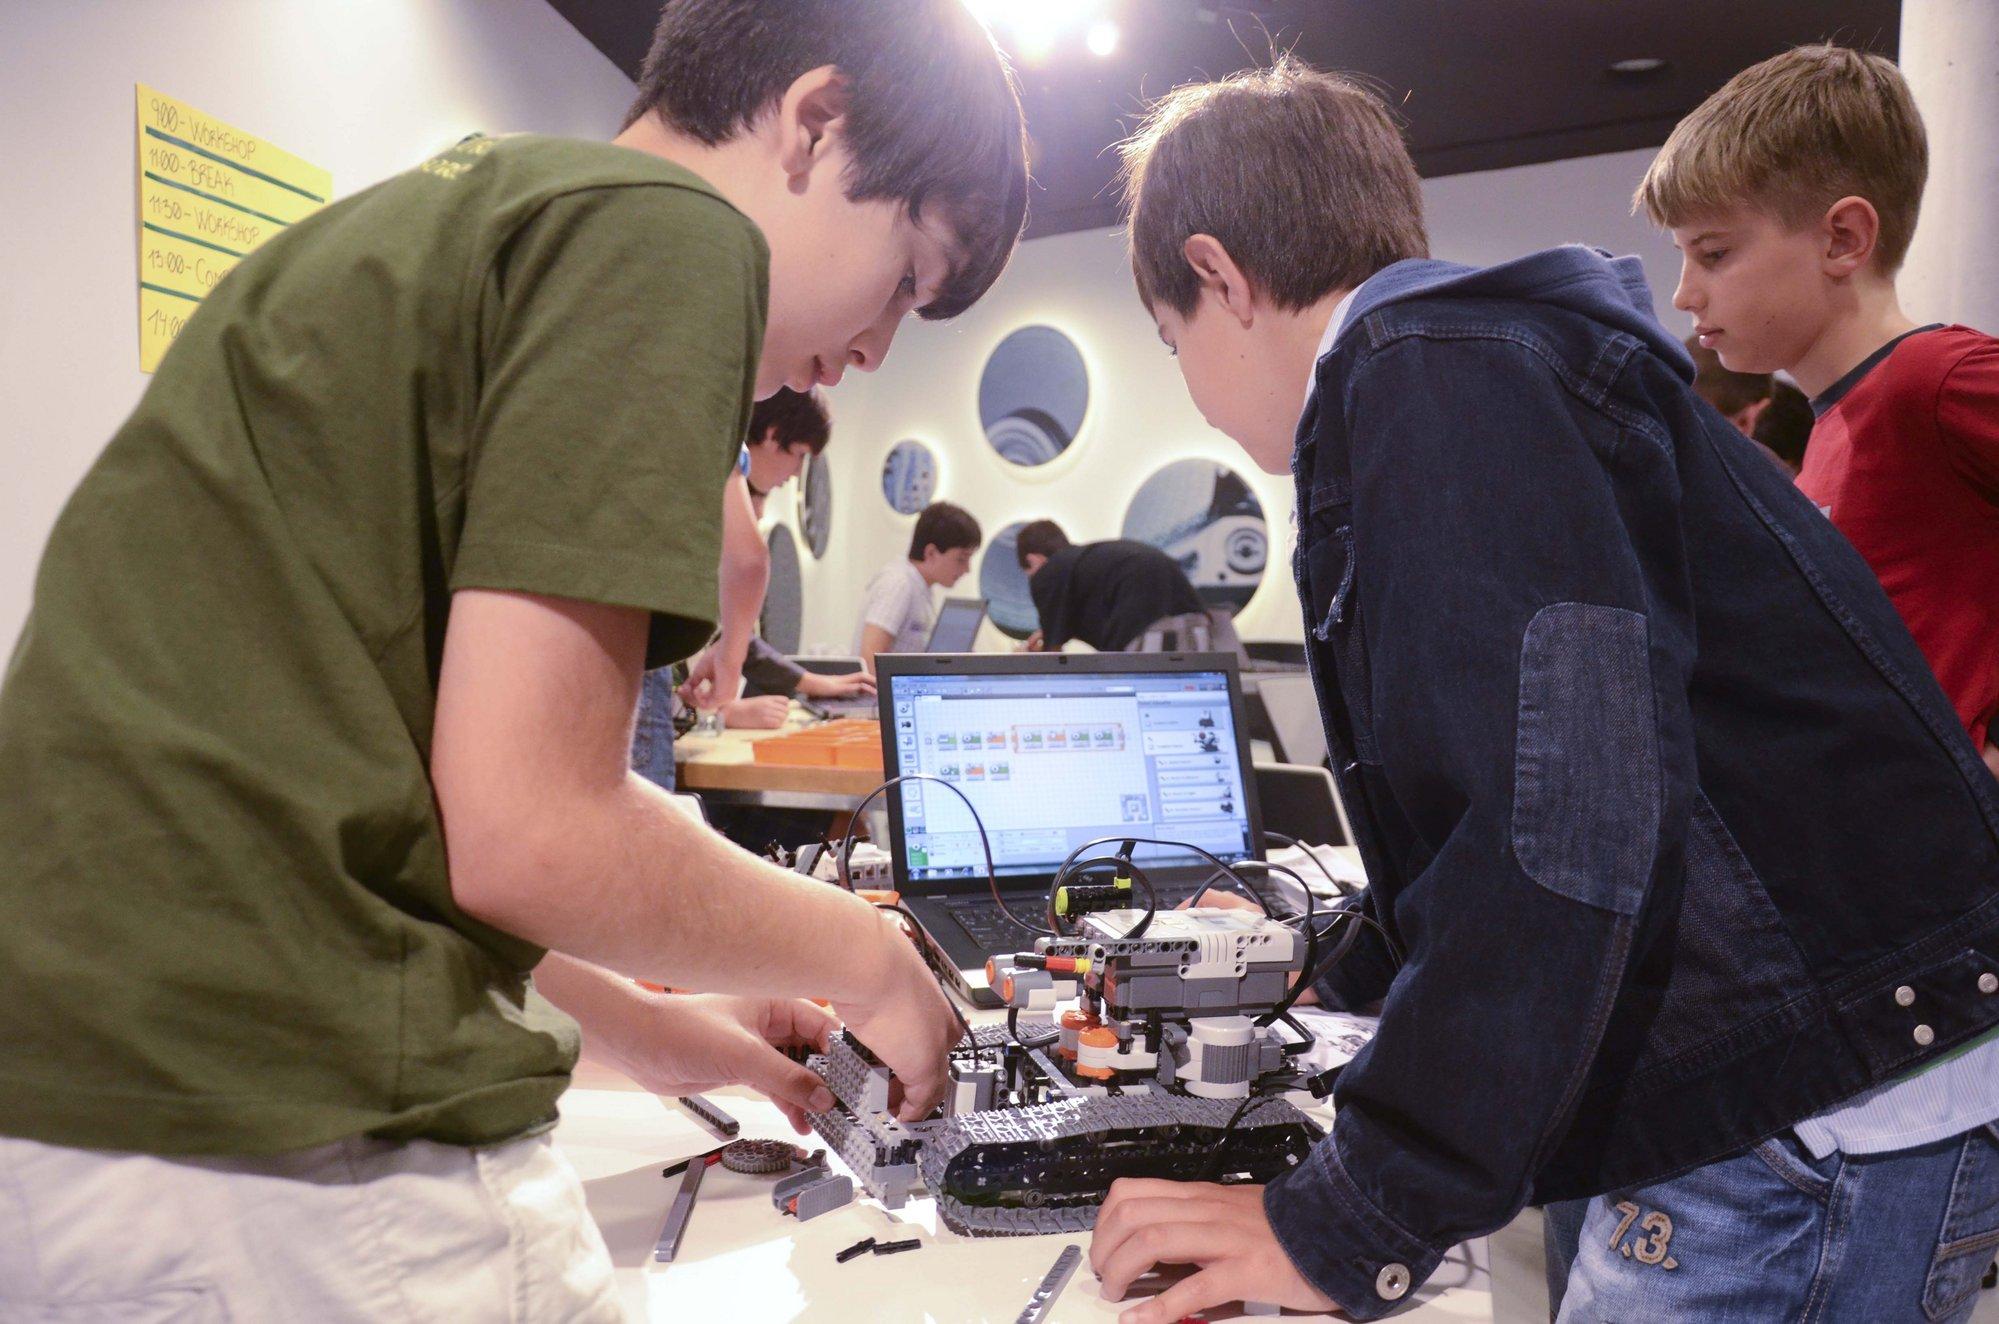 El museo Eureka! Zientzia Museoa de San Sebastián acoge este sábado talleres de robótica gratuitos para adolescentes